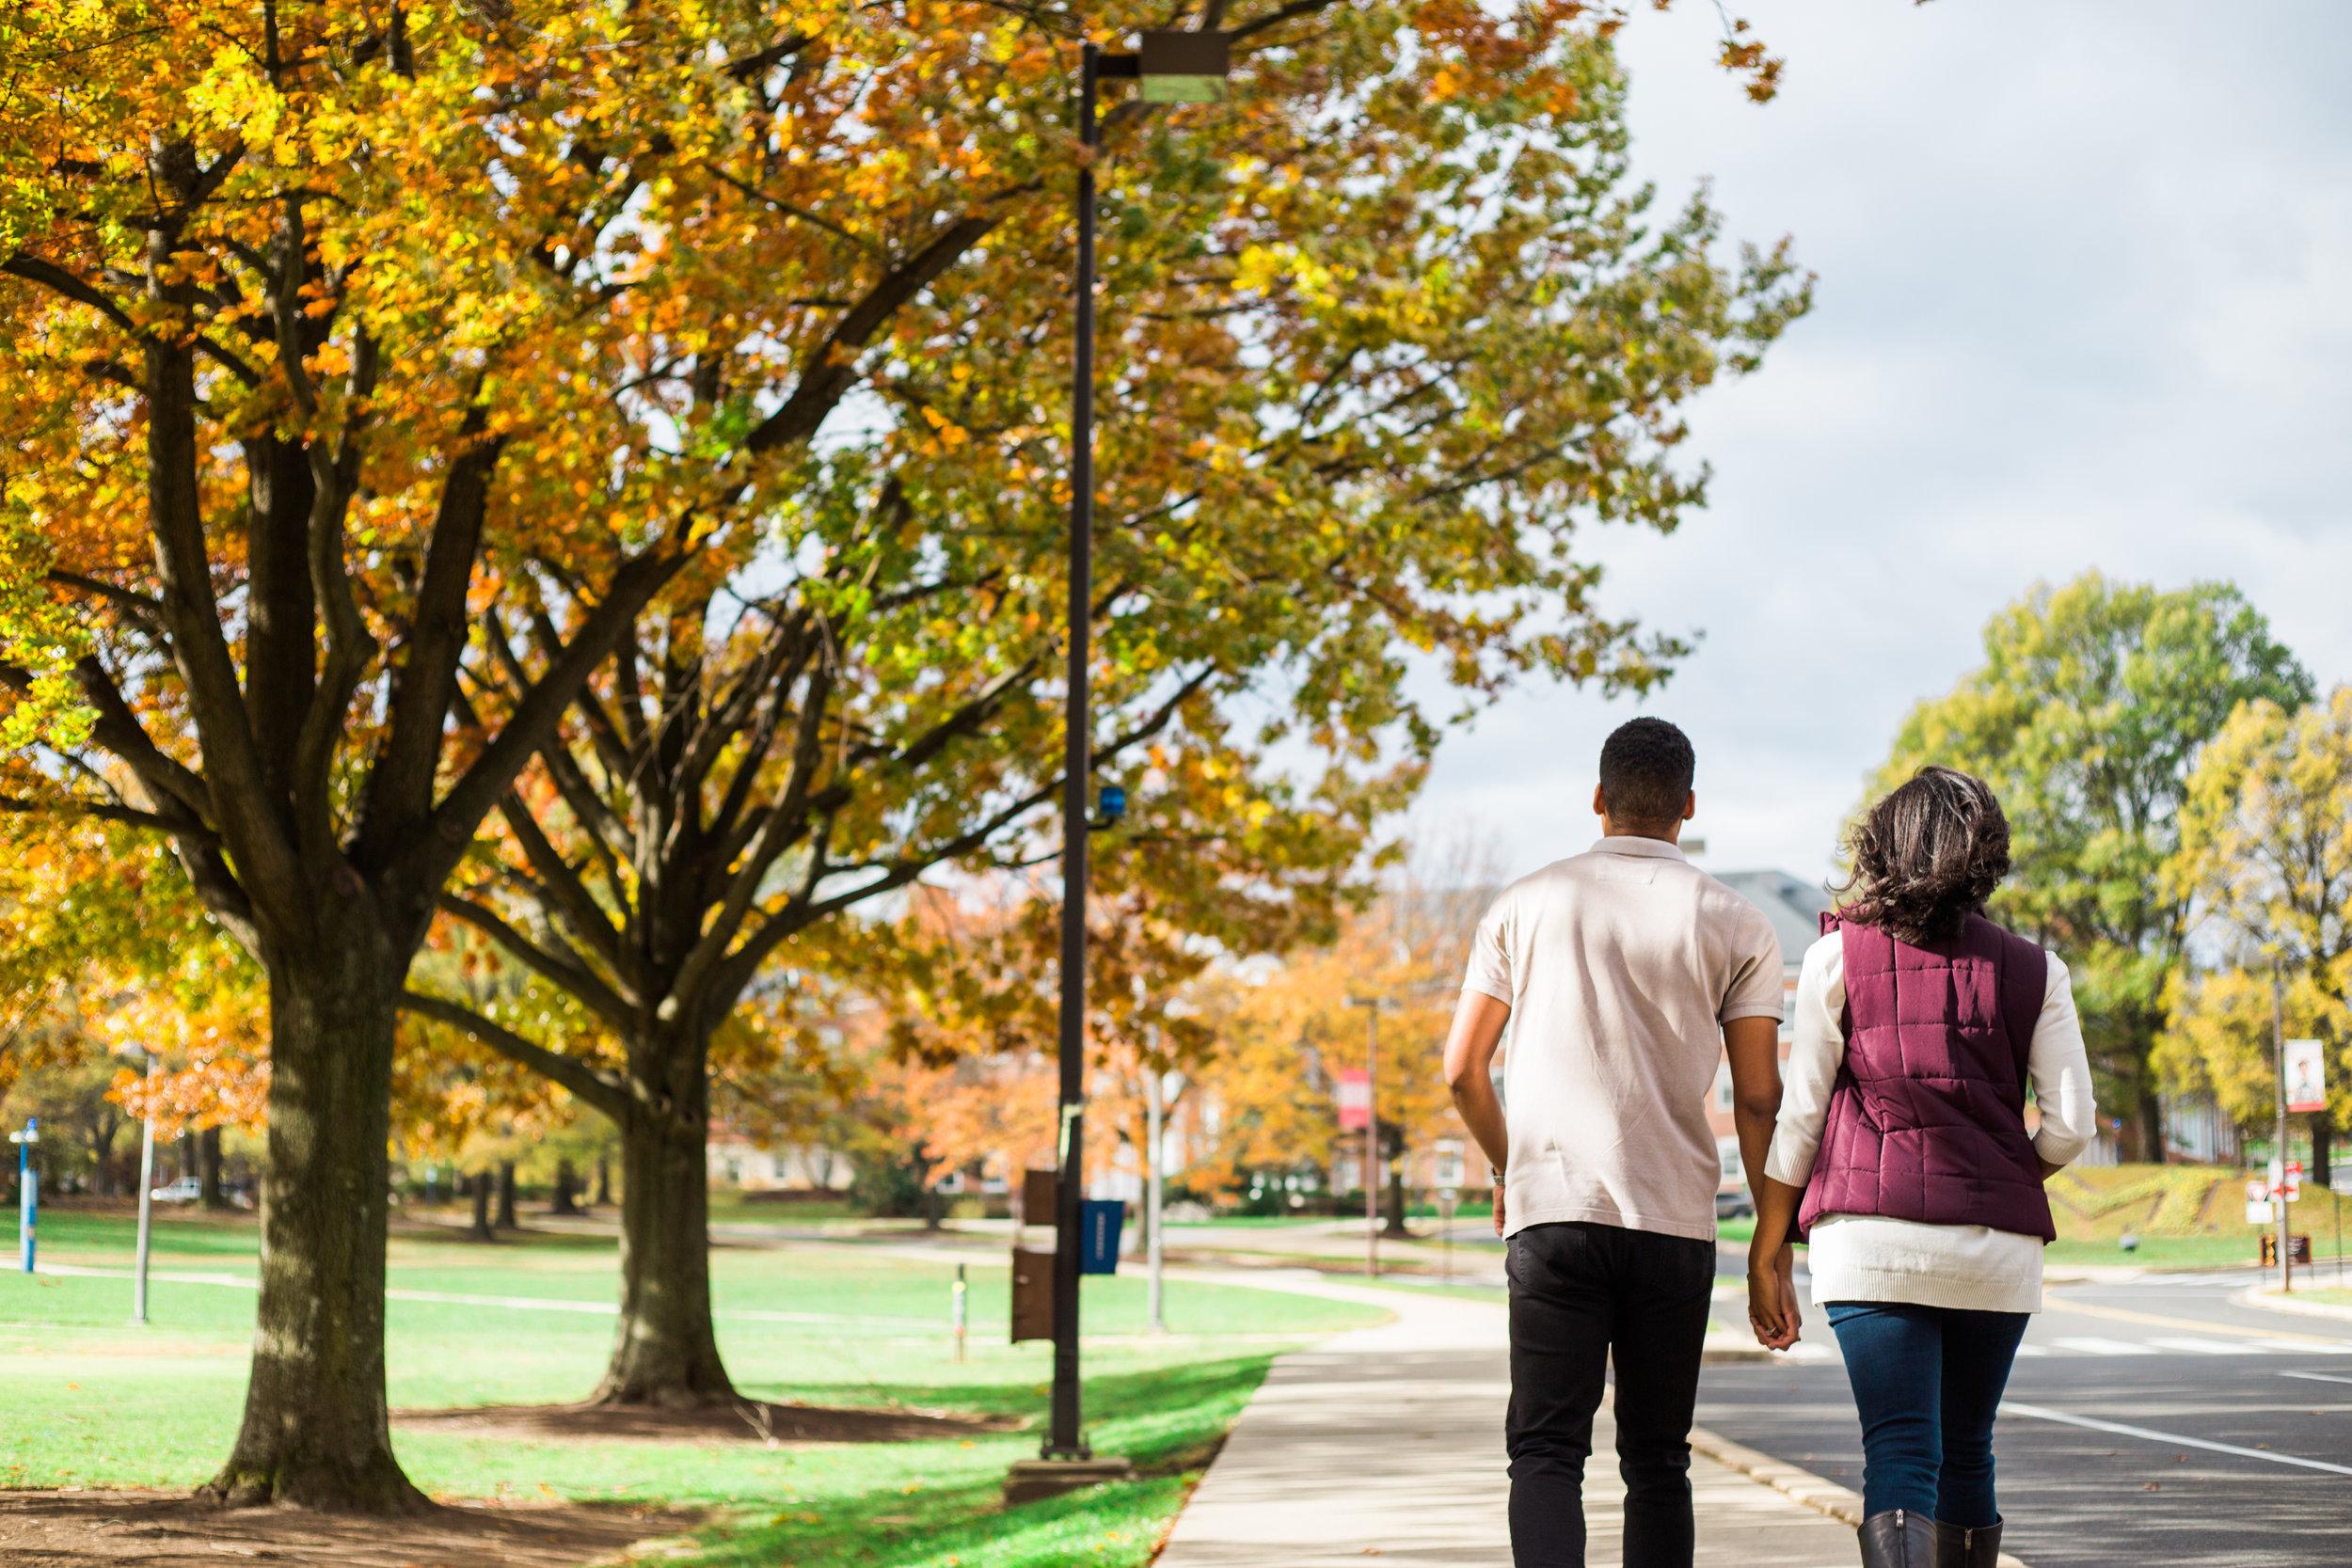 University of Maryland Engagement Session Photography-15.jpg